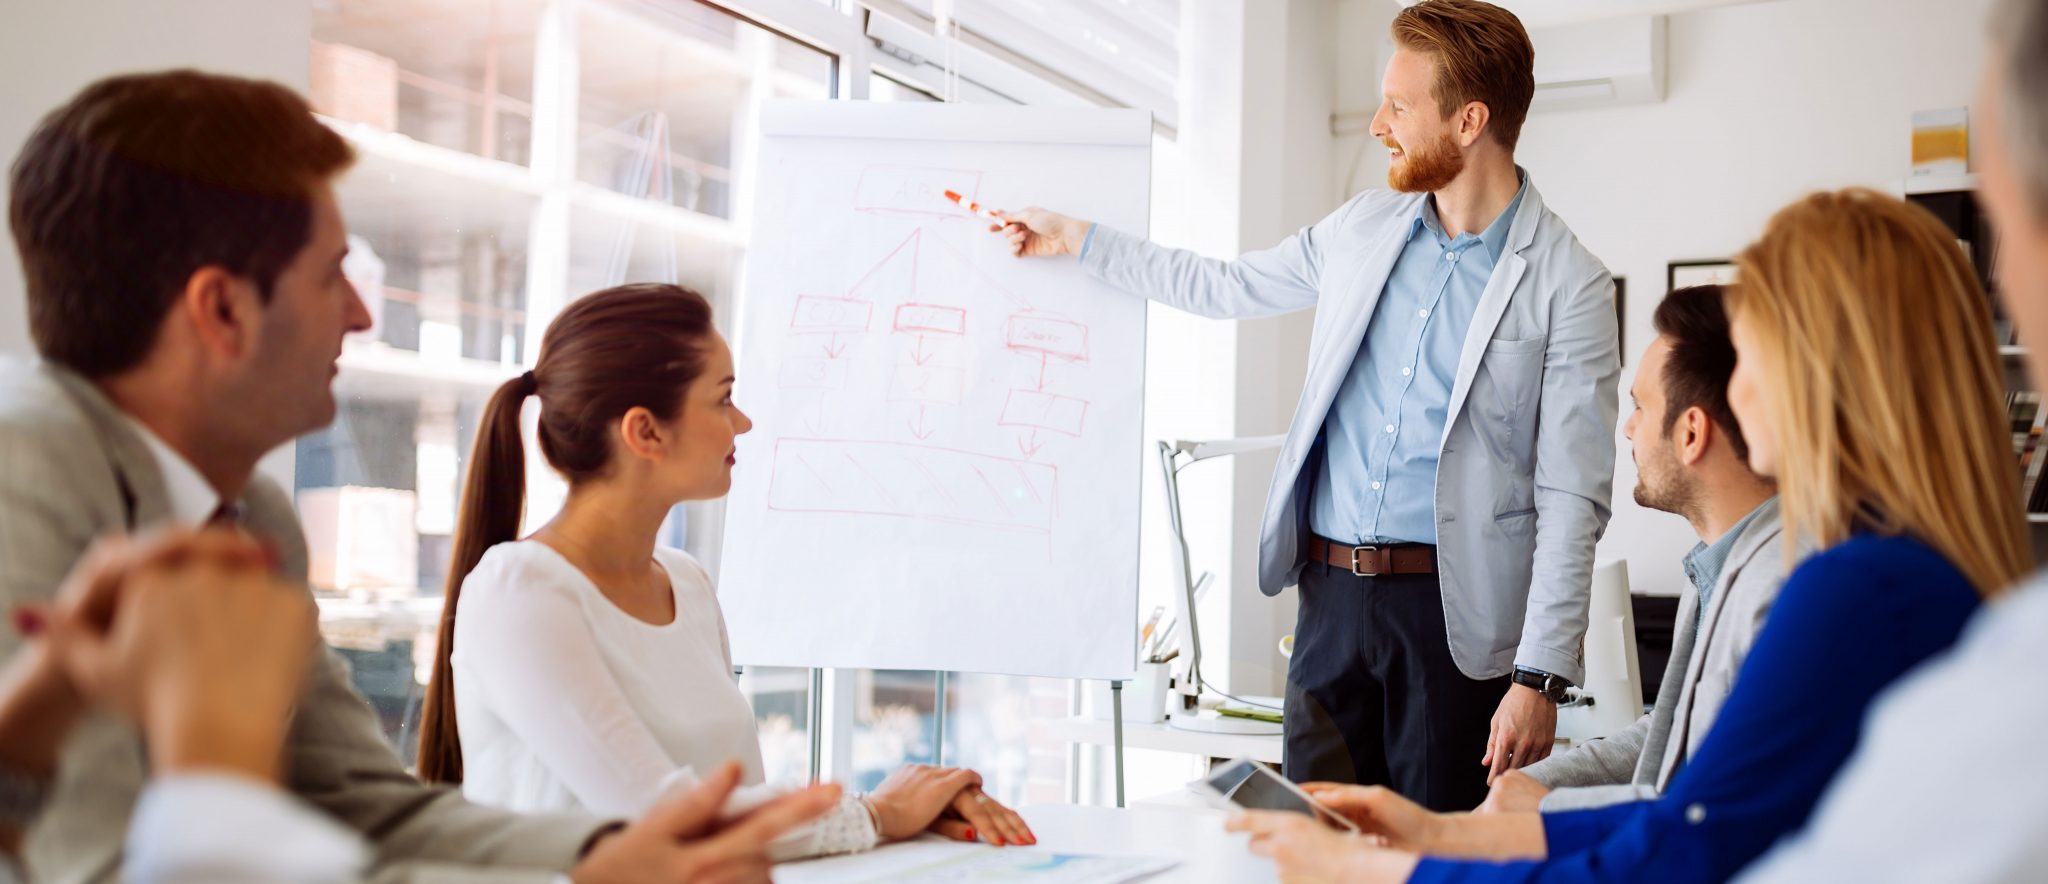 Como liderar uma equipe: a importância de delegar e dar autonomia